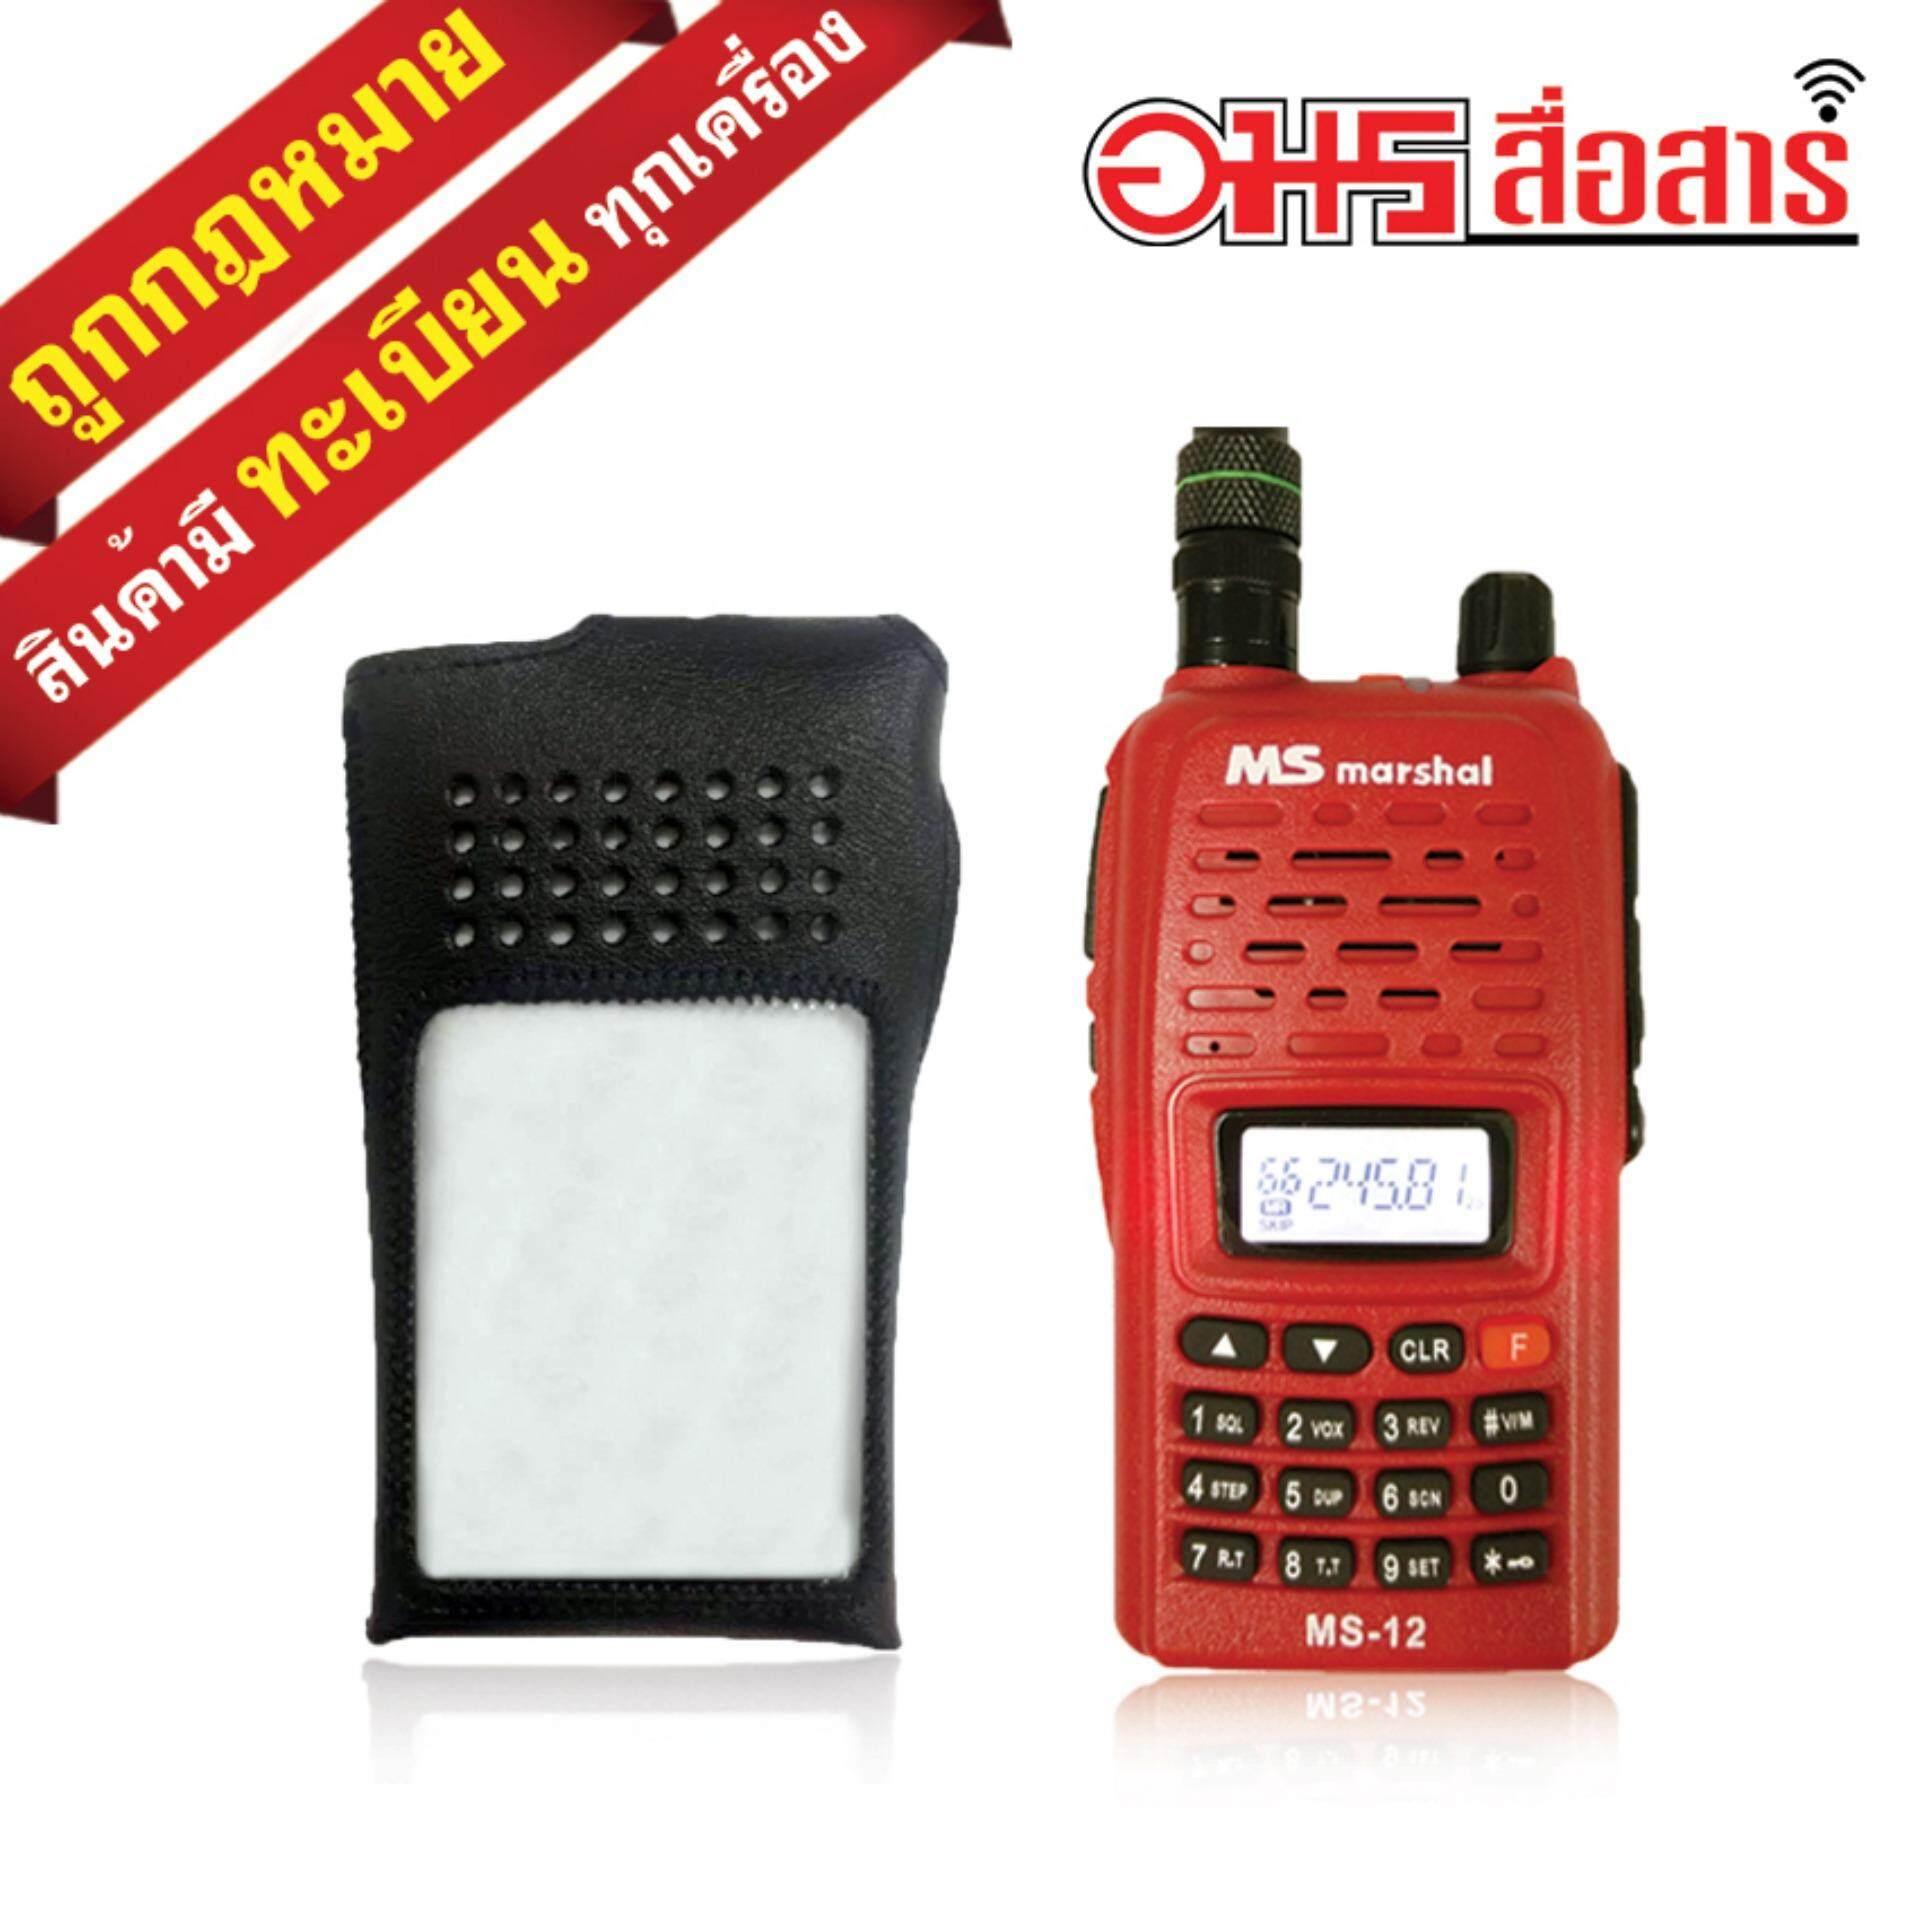 MS MARSHAL วิทยุสื่อสาร 5W MS-12  สีแดง พร้อม ซองหนังวิทยุสื่อสาร WALKIE TALKIE walkie-talkie อมรสื่อสาร